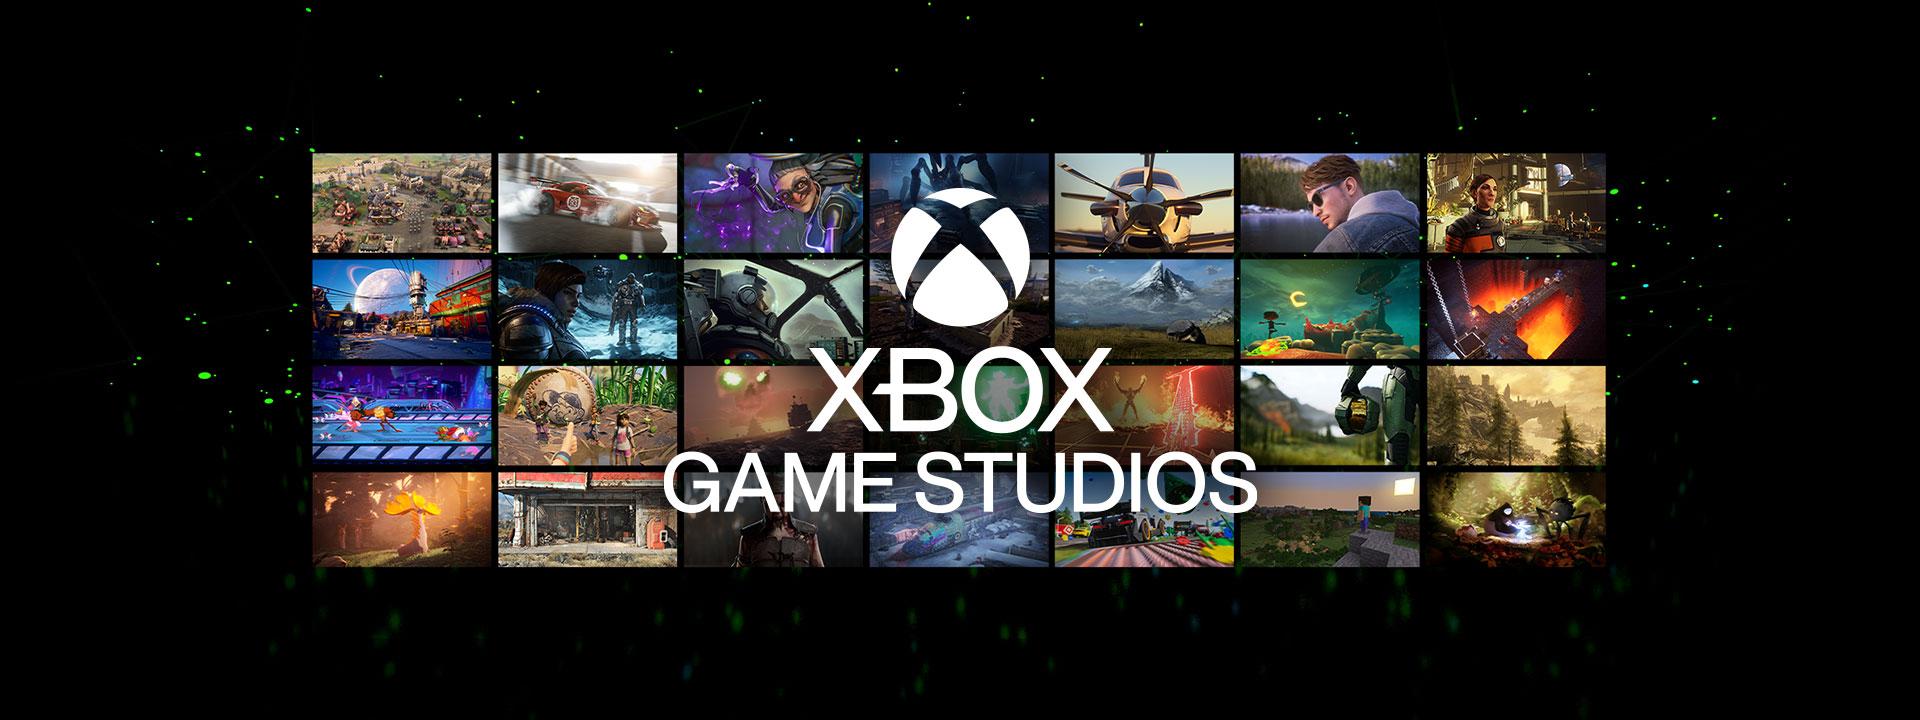 Xbox Games Studios logo over an array of game screenshots